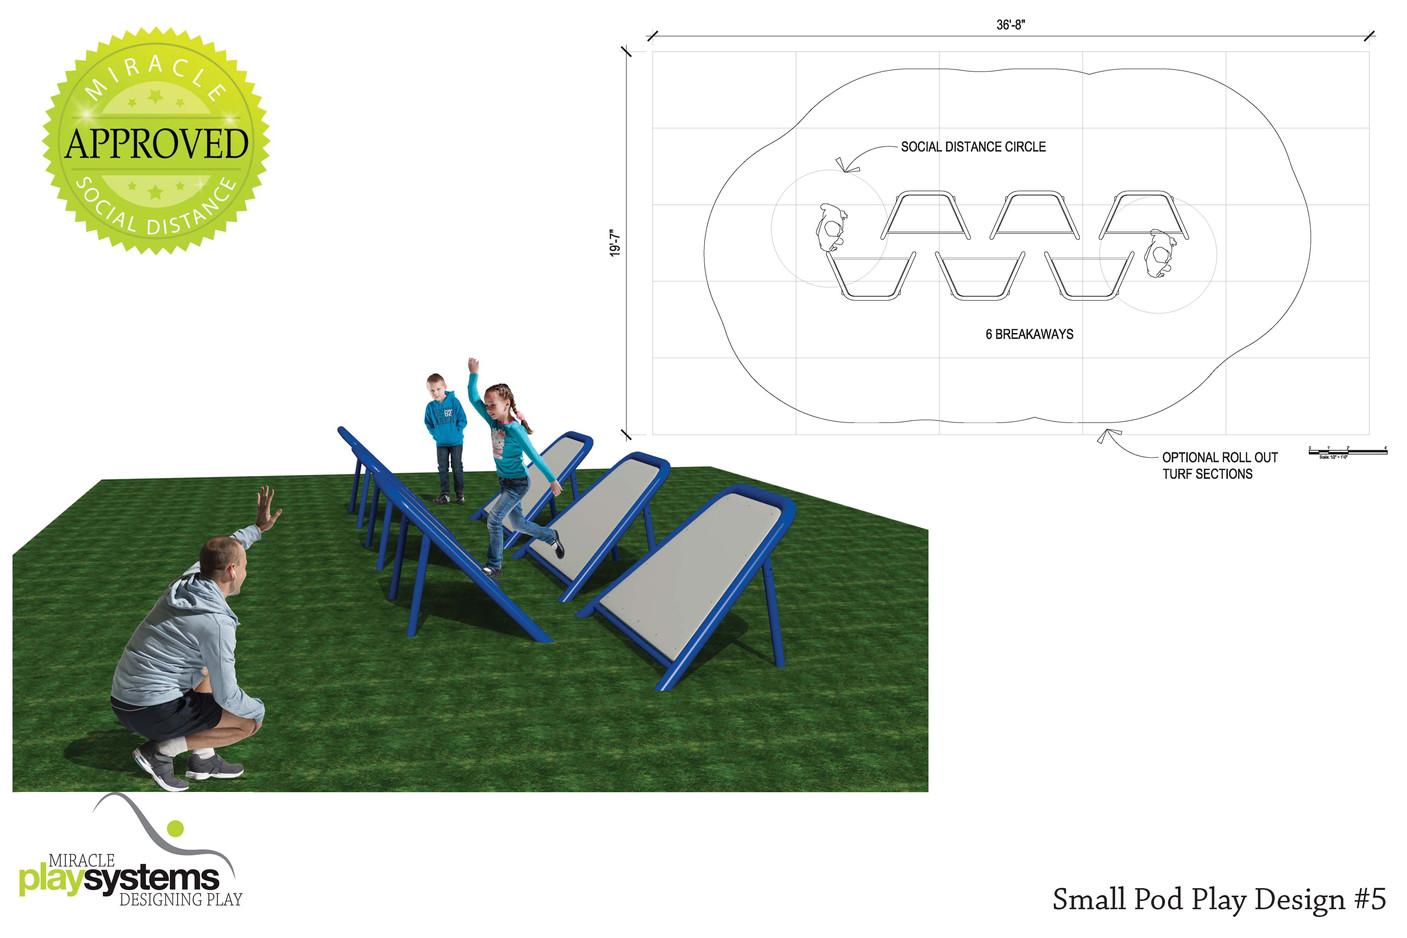 Small Pod Play Design #5